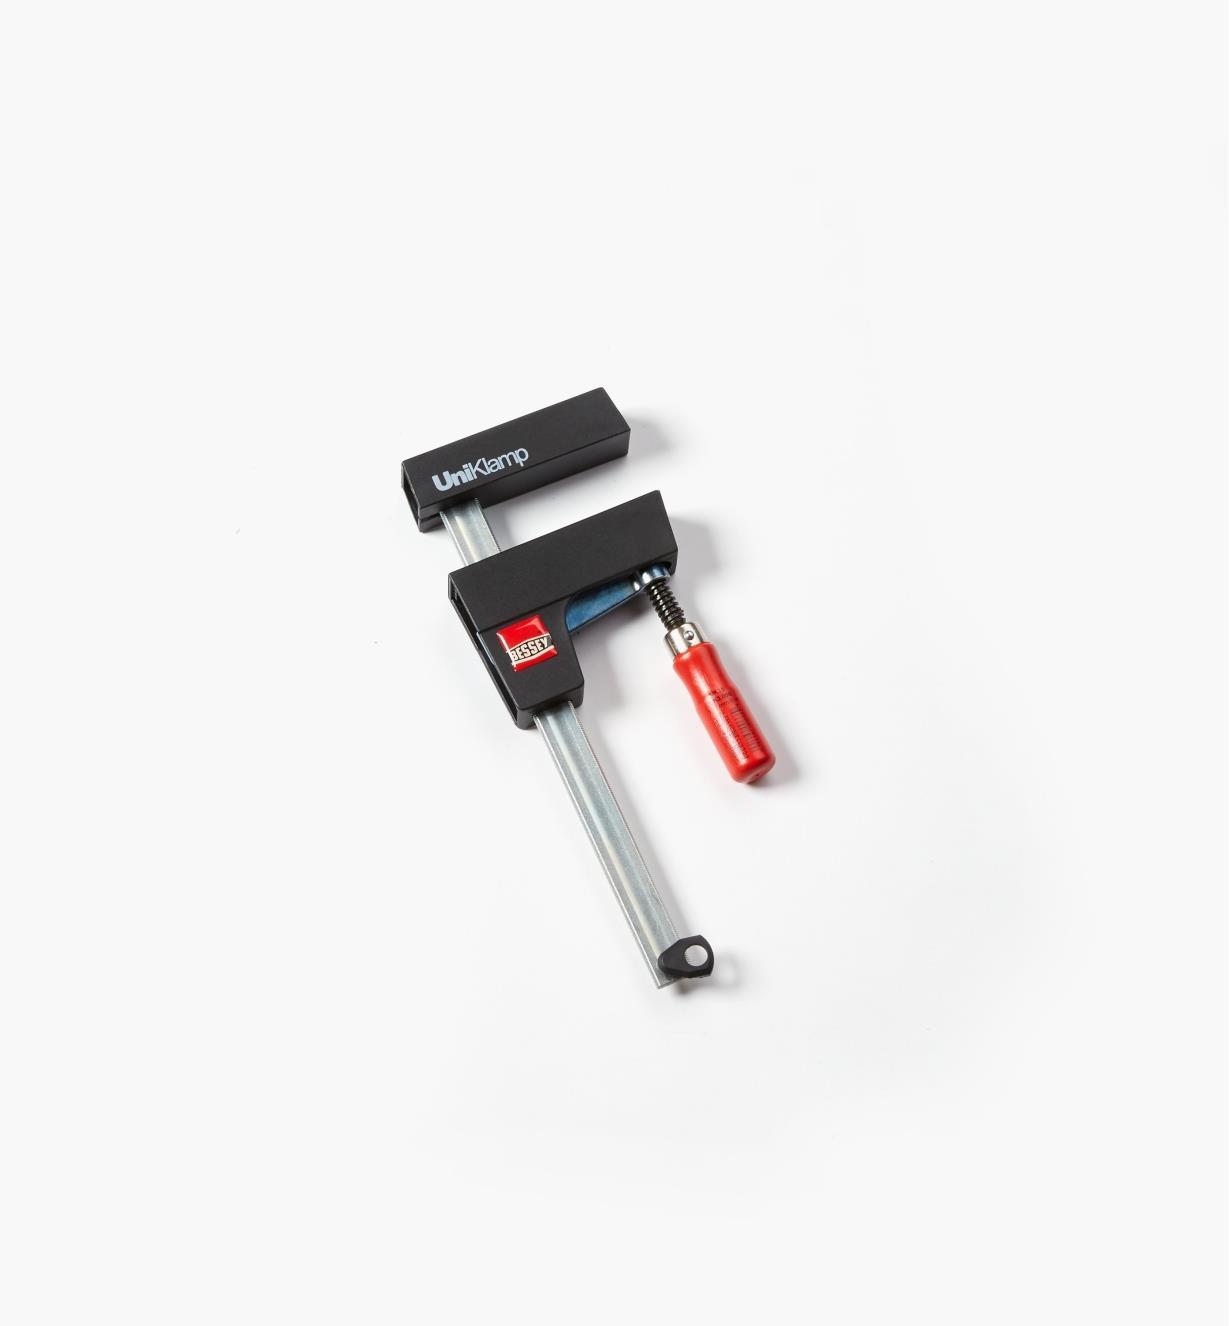 17F0406 - Serre-joint UniKlamp, 6 po